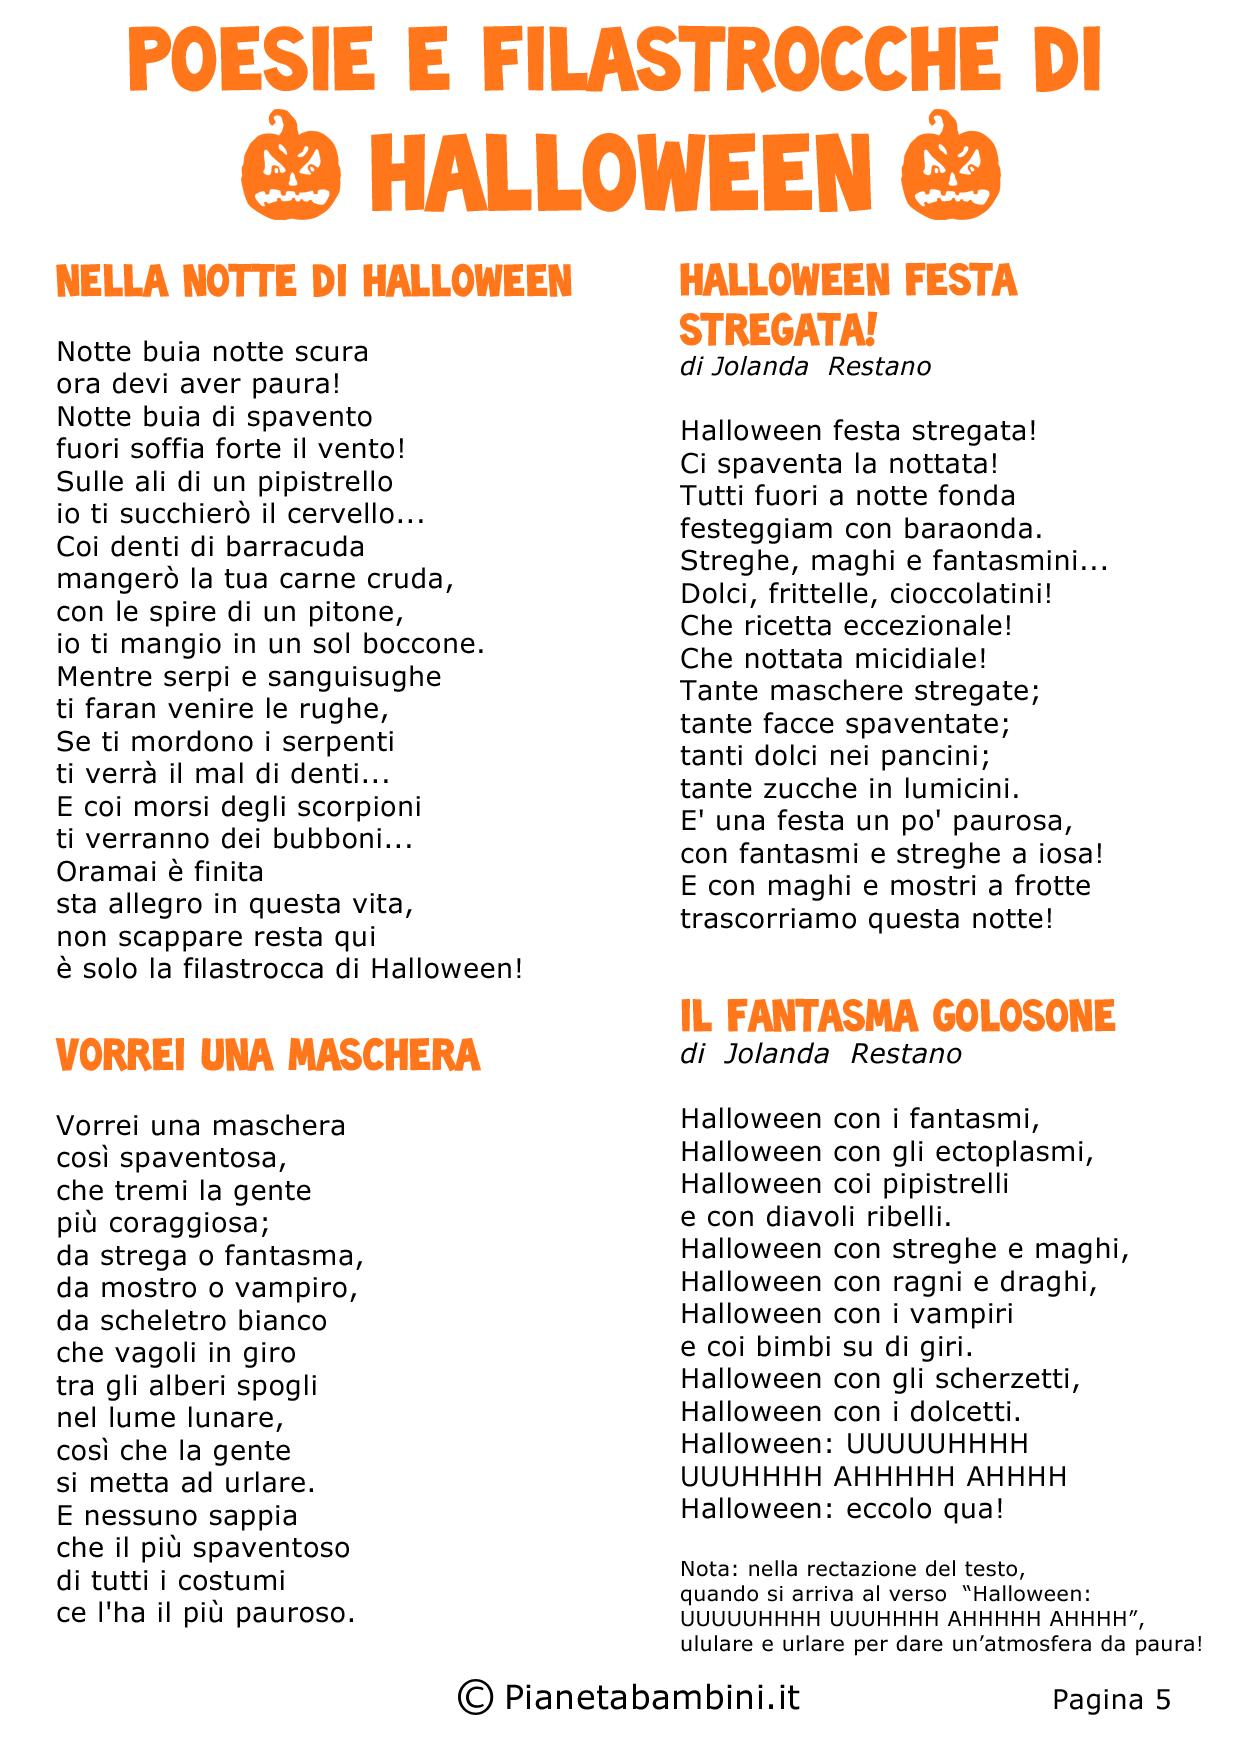 Poesie-Filastrocche-Halloween-5